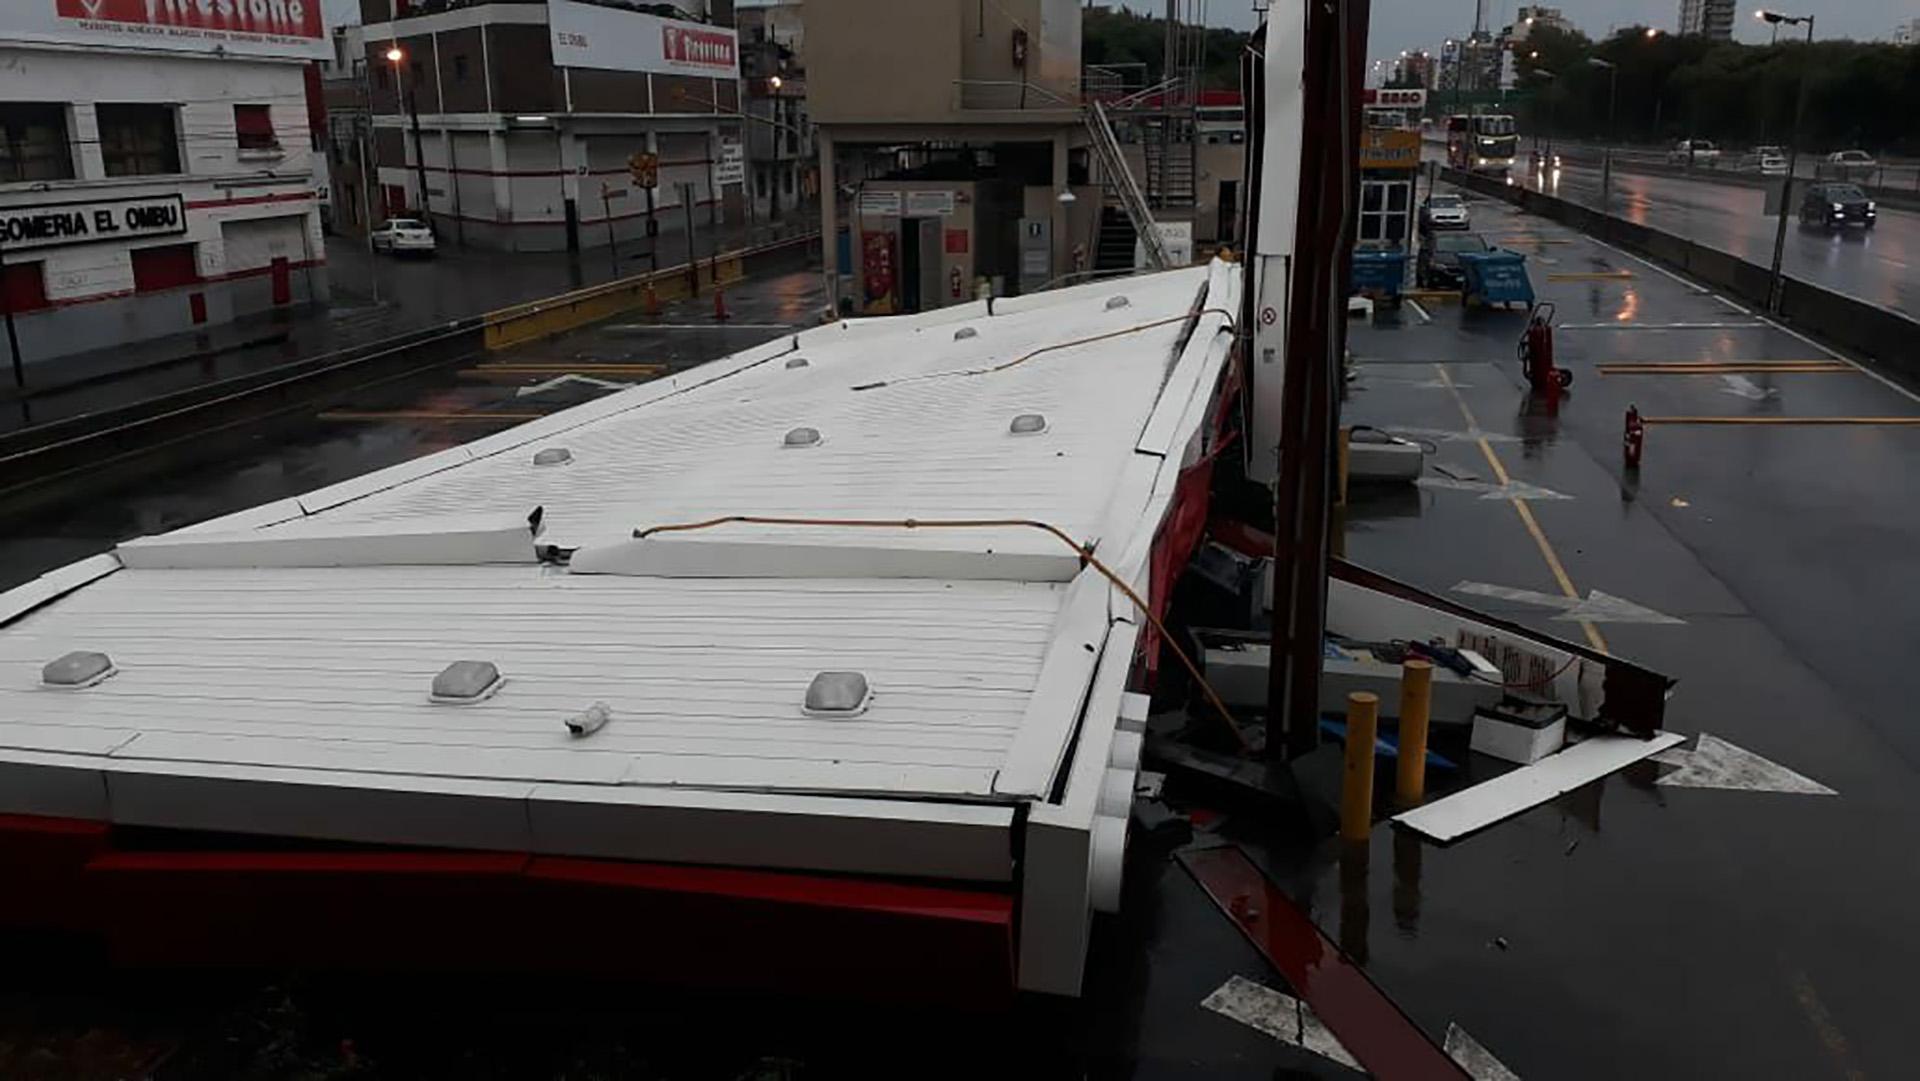 El techo de una estación de servicio caído a causa del fuerte temporal en la Ciudad